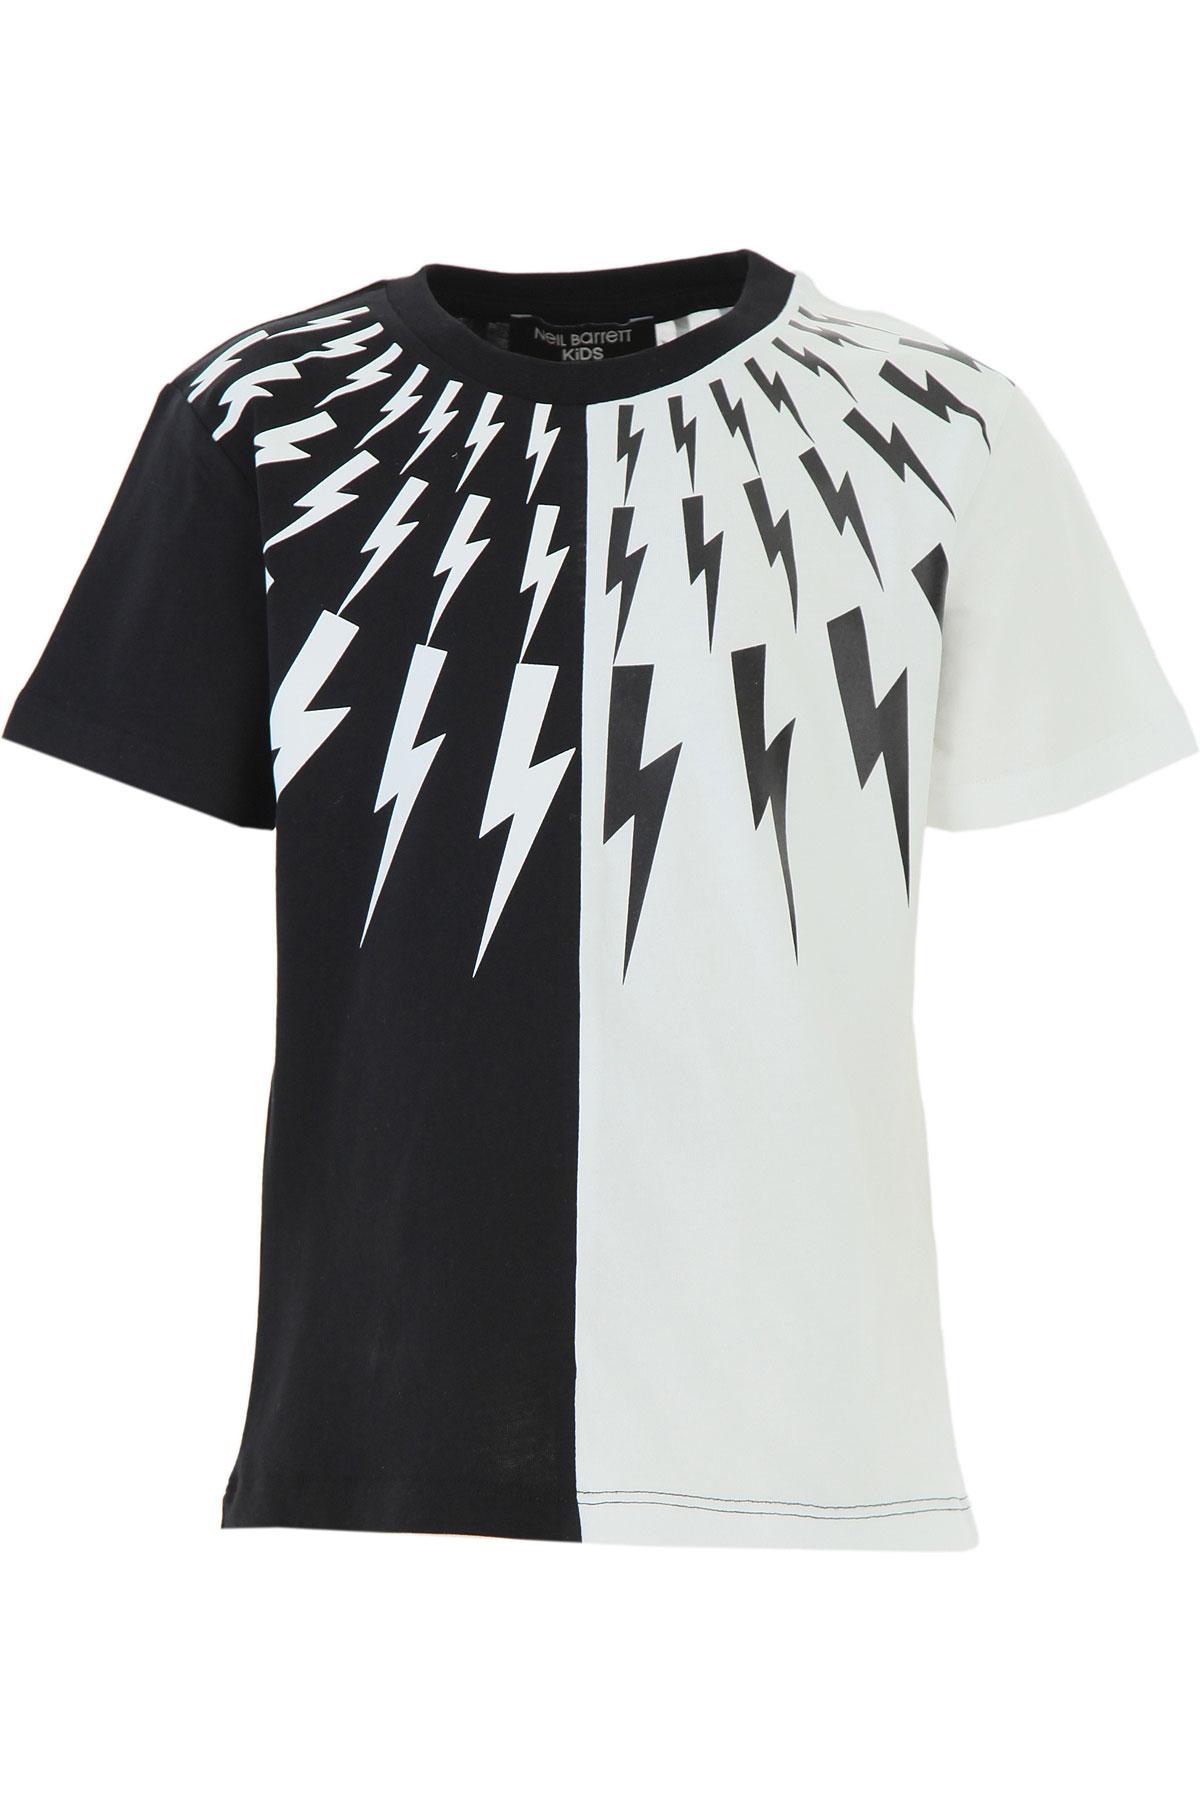 Neil Barrett Kids T-Shirt for Boys On Sale, Black, Cotton, 2019, 10Y 12Y 6Y 8Y